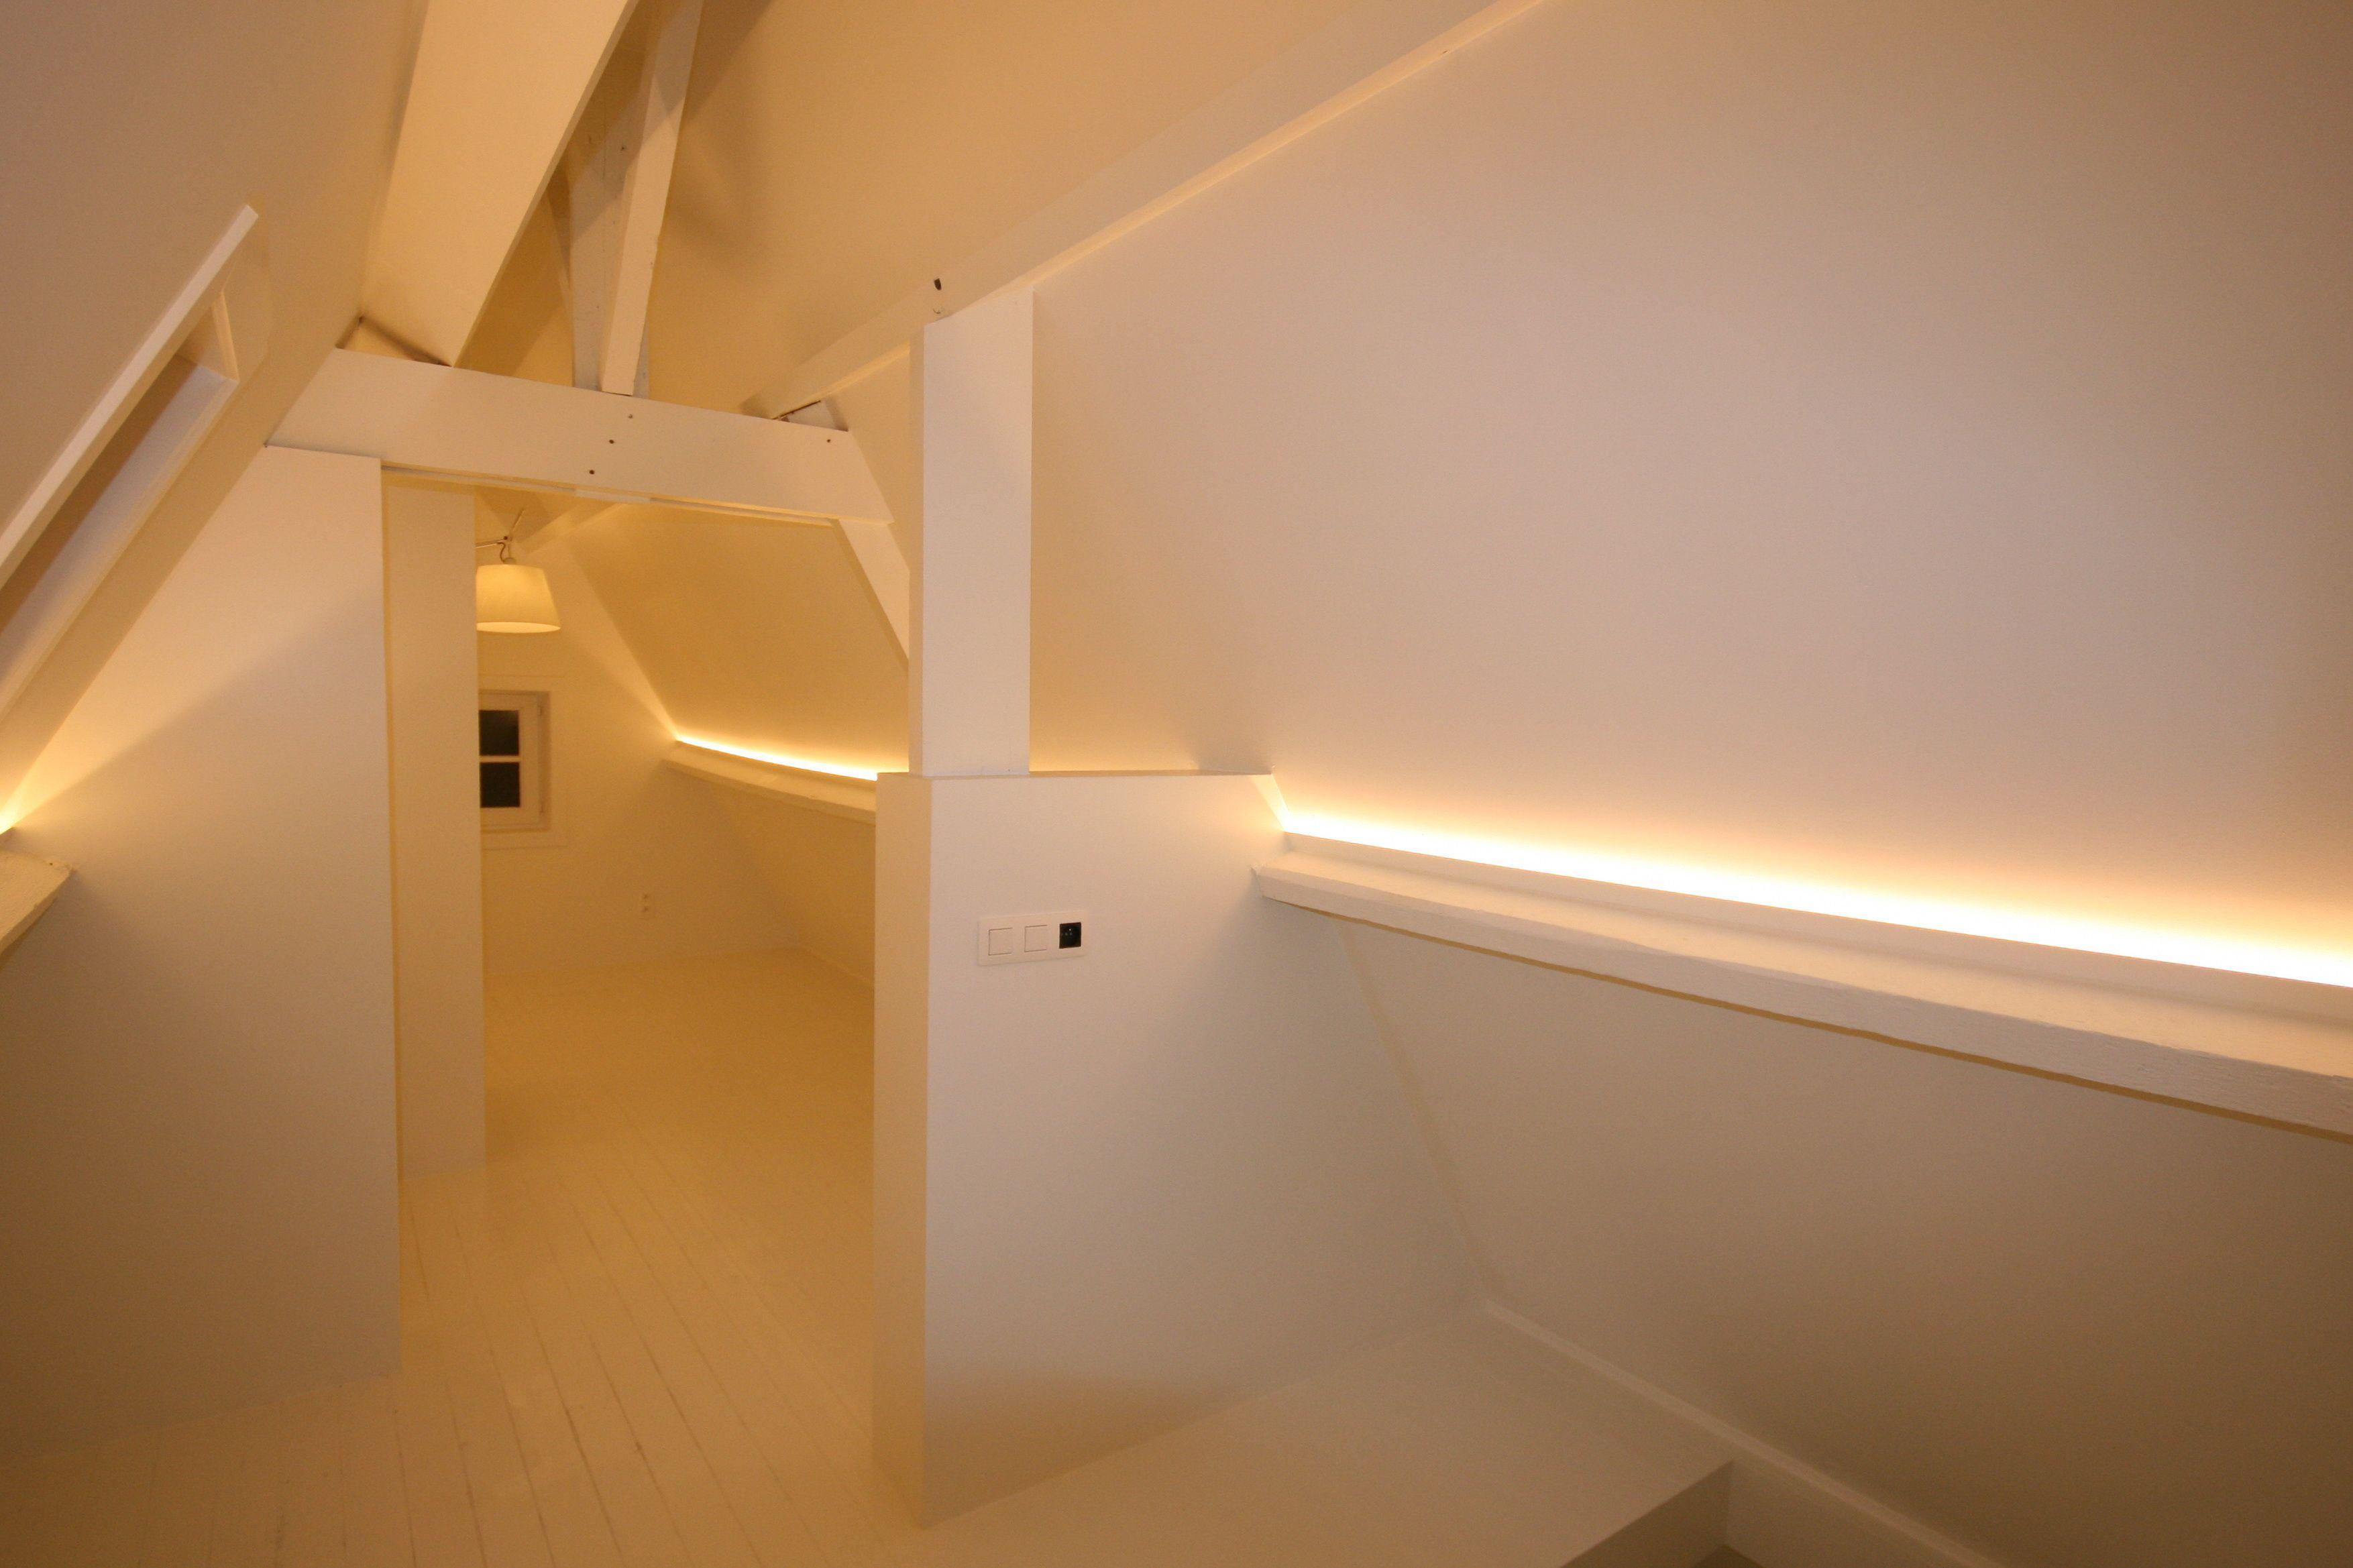 een zolder met indirecte verlichting in led onze On zolder verlichting